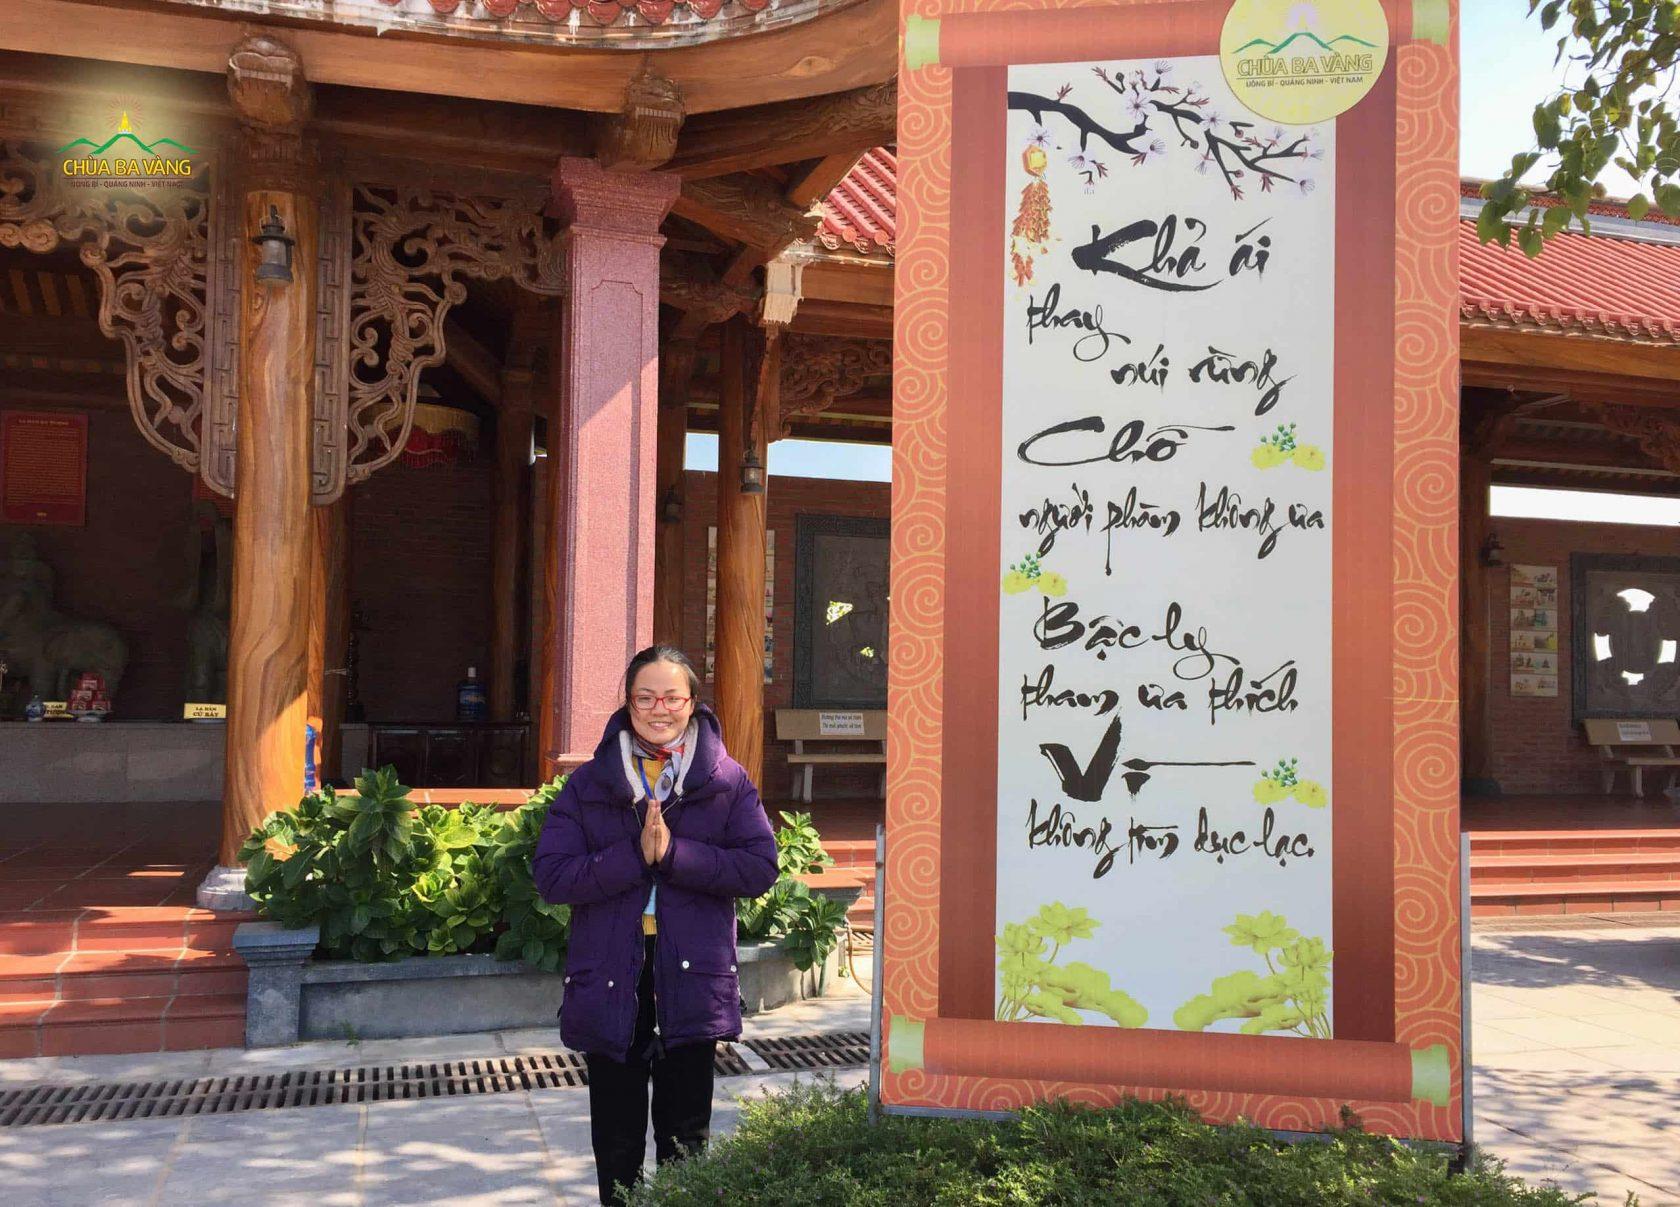 Phật tử Nguyễn Thùy Linh rất hạnh phúc khi lần đầu tiên được tham dự lễ sớt bát cúng dường chư Tăng